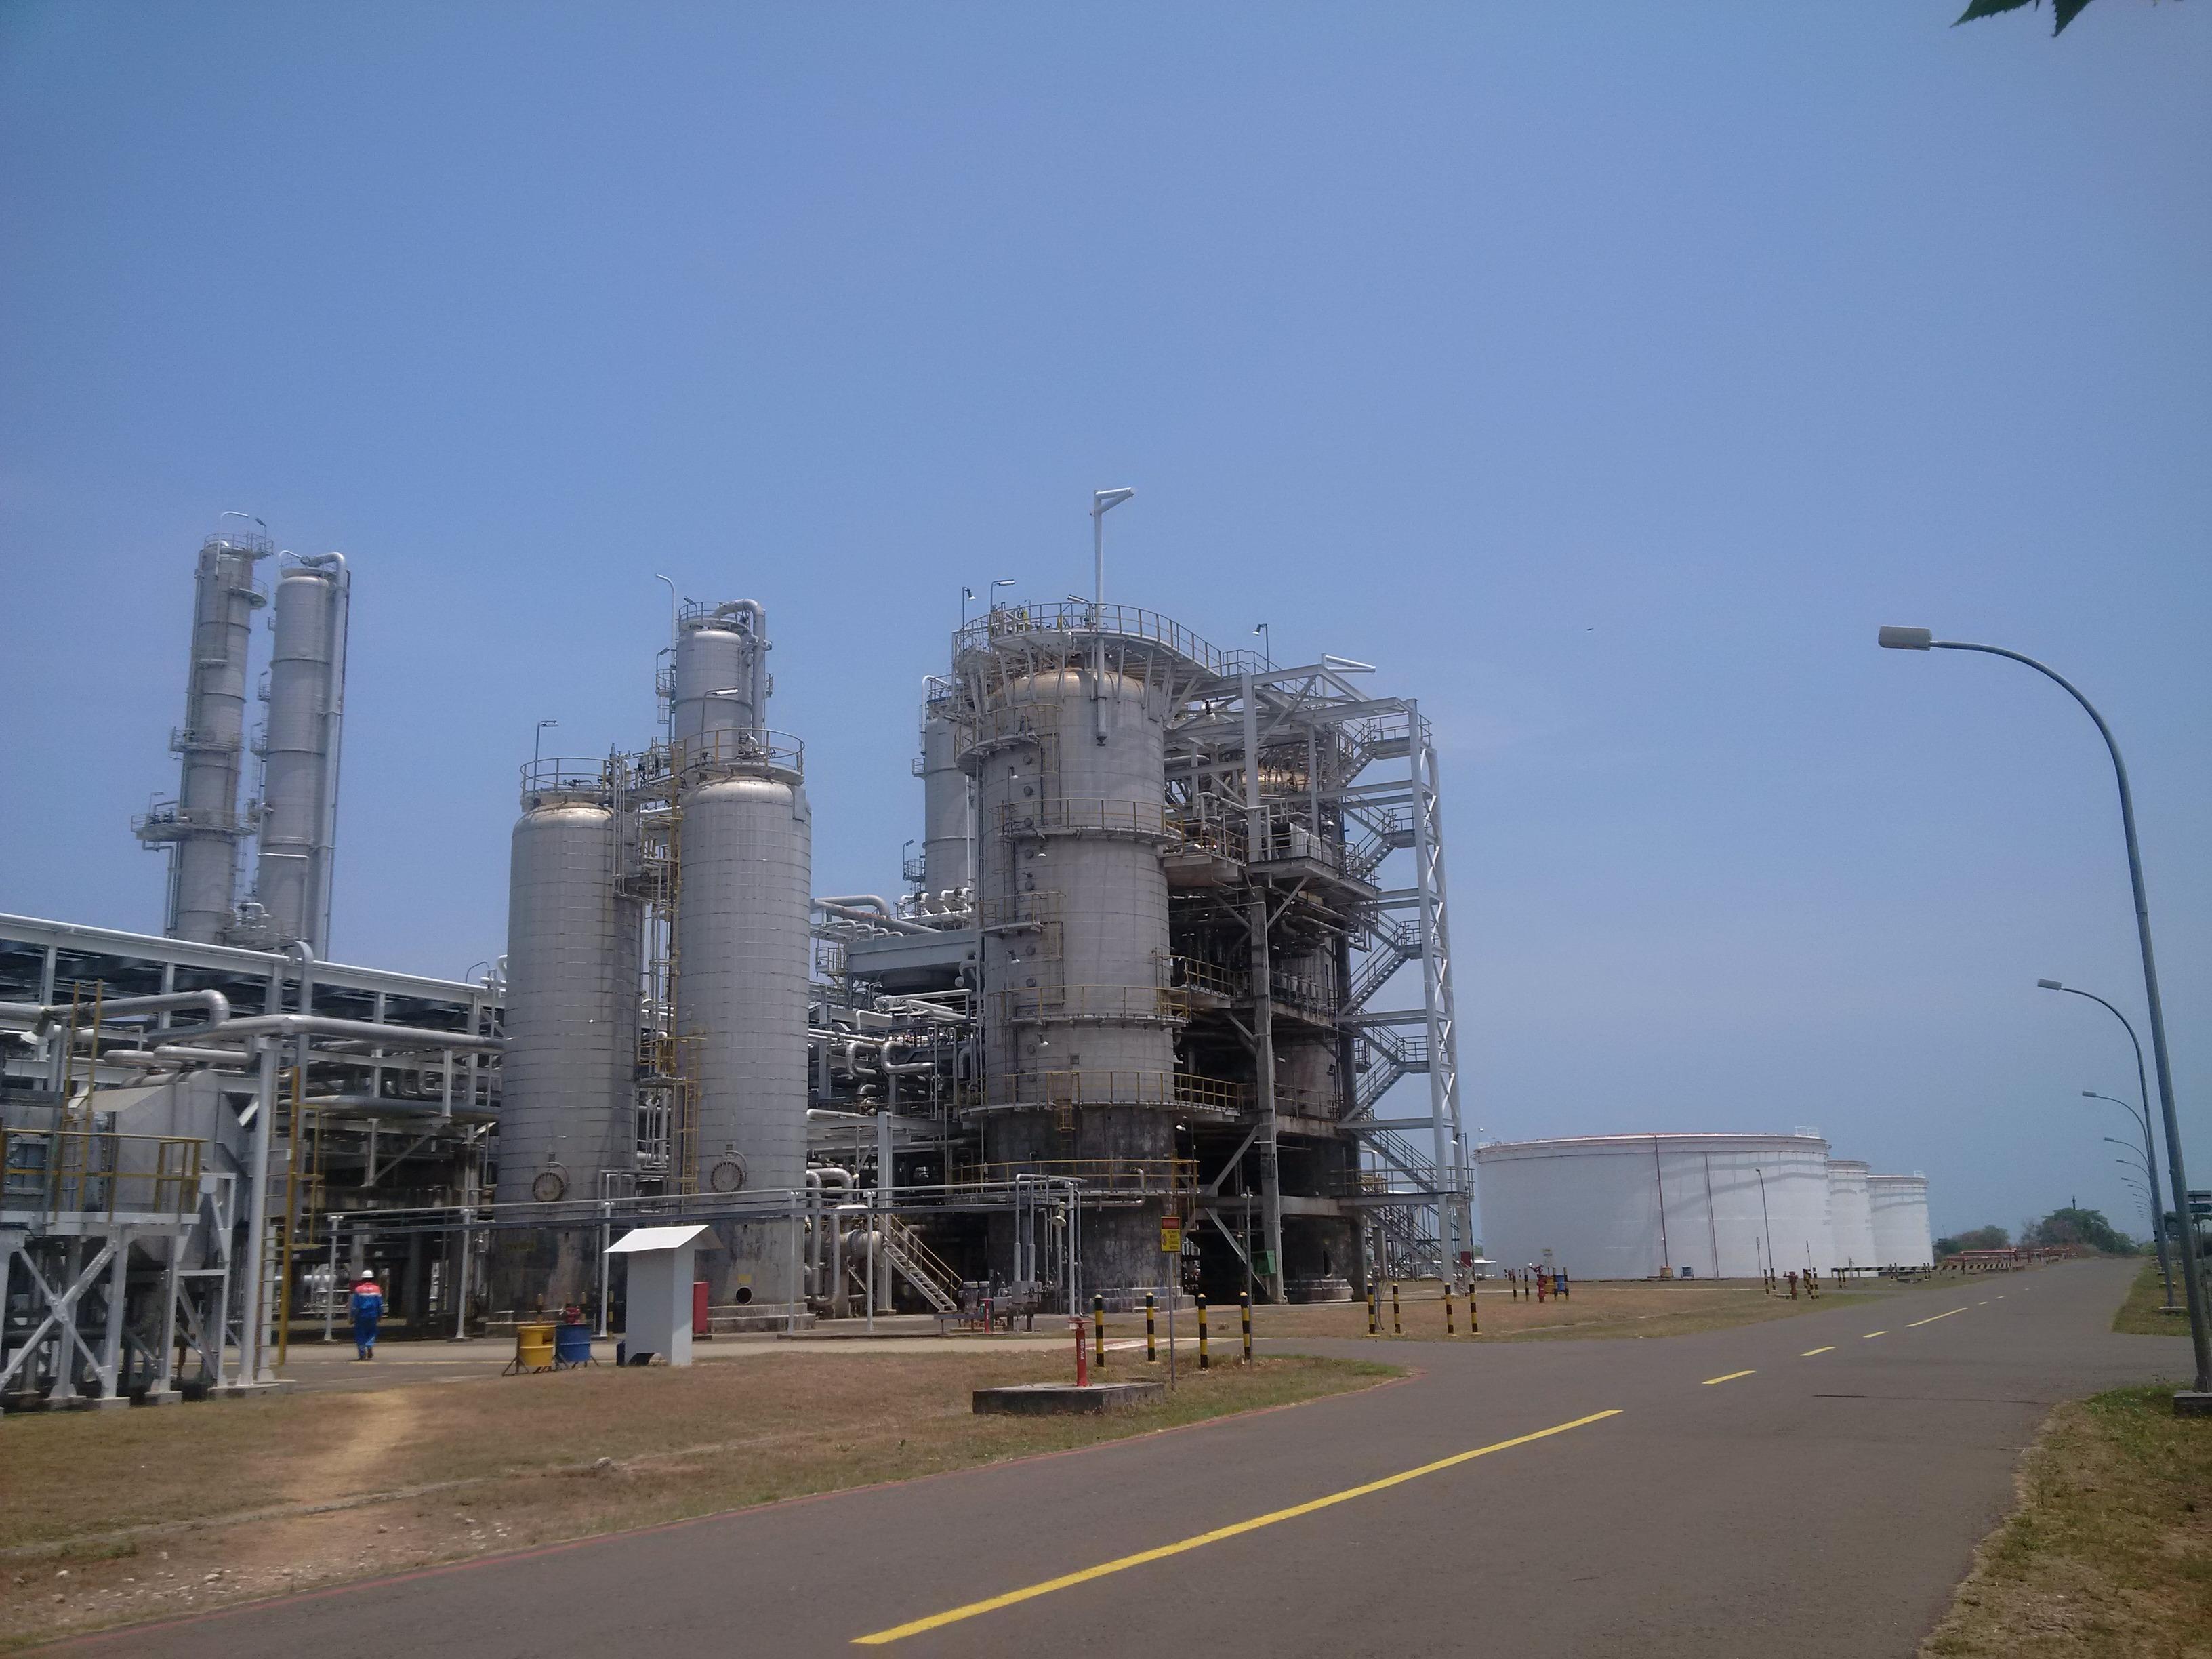 Di kawasan Kilang TPPI nanti akan berfungsi sebagai kompleks pengembangan industri petrokimia.